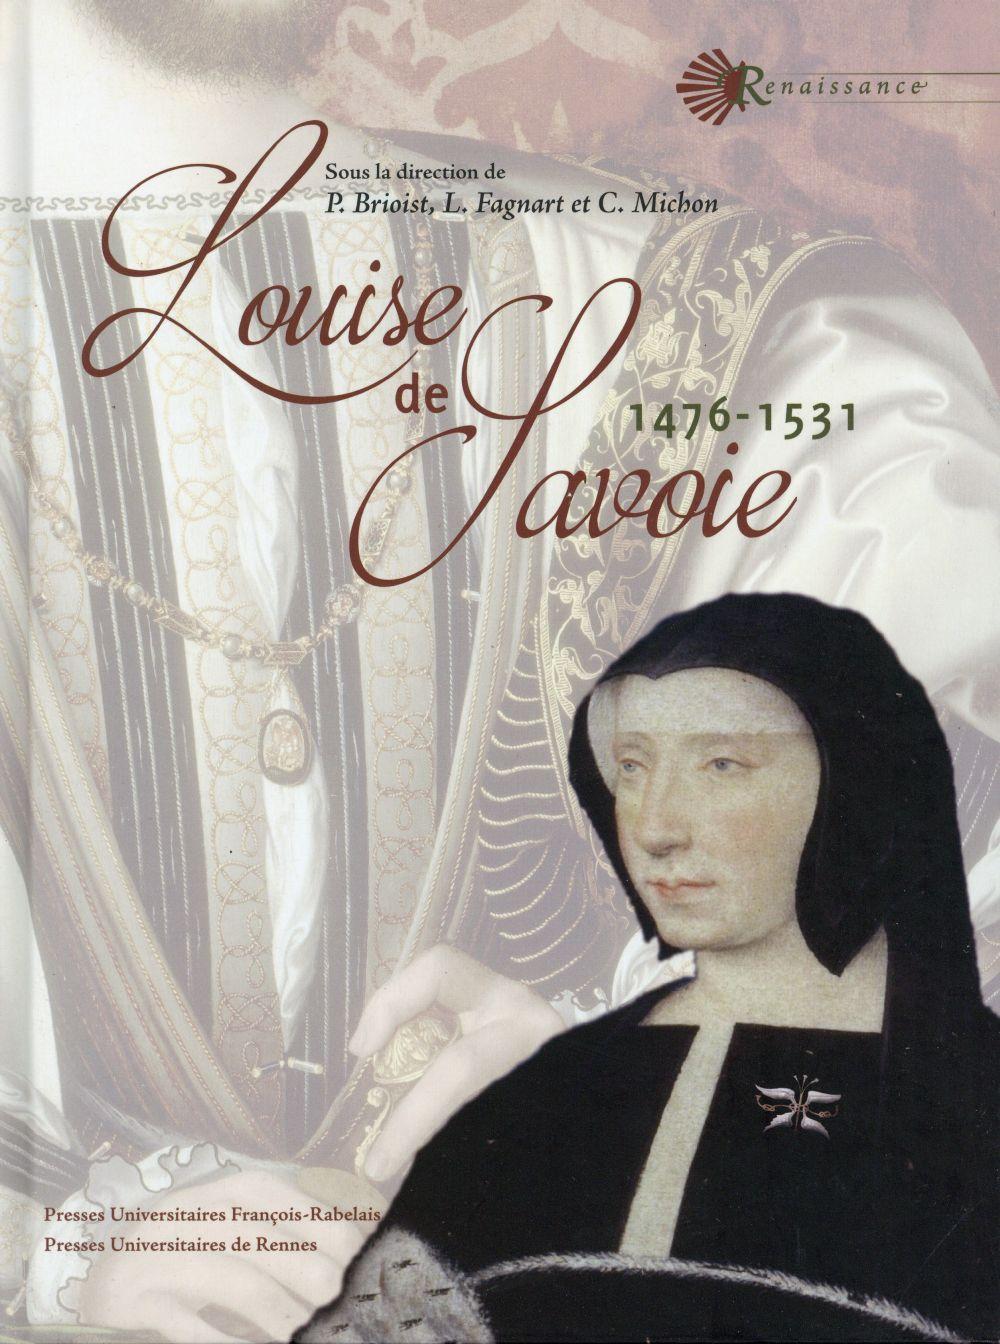 Louise de savoie (1476 1531)